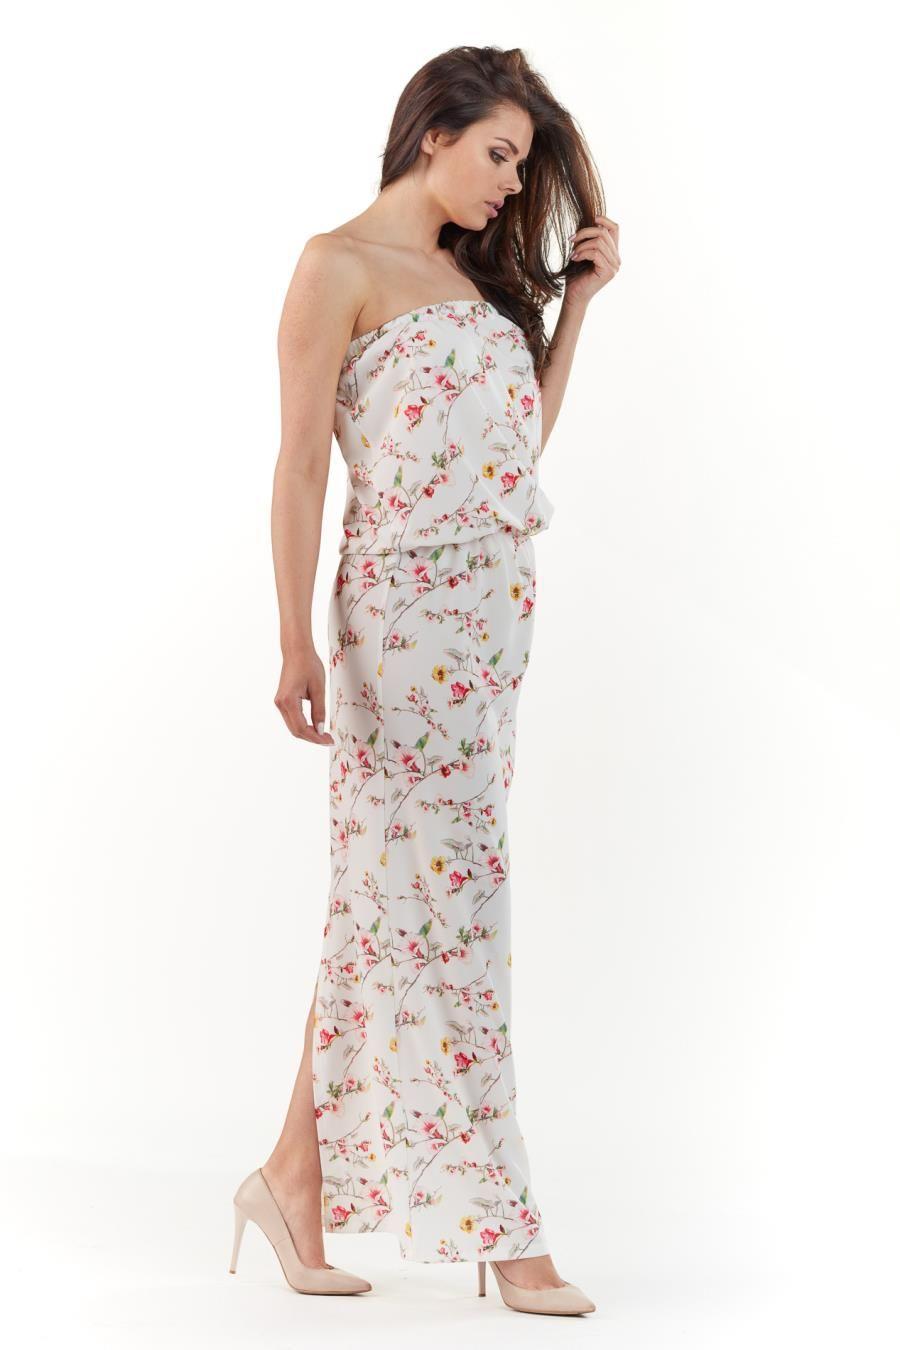 fbabb91424 Długa Letnia Sukienka Ecru w Kwiaty AW219